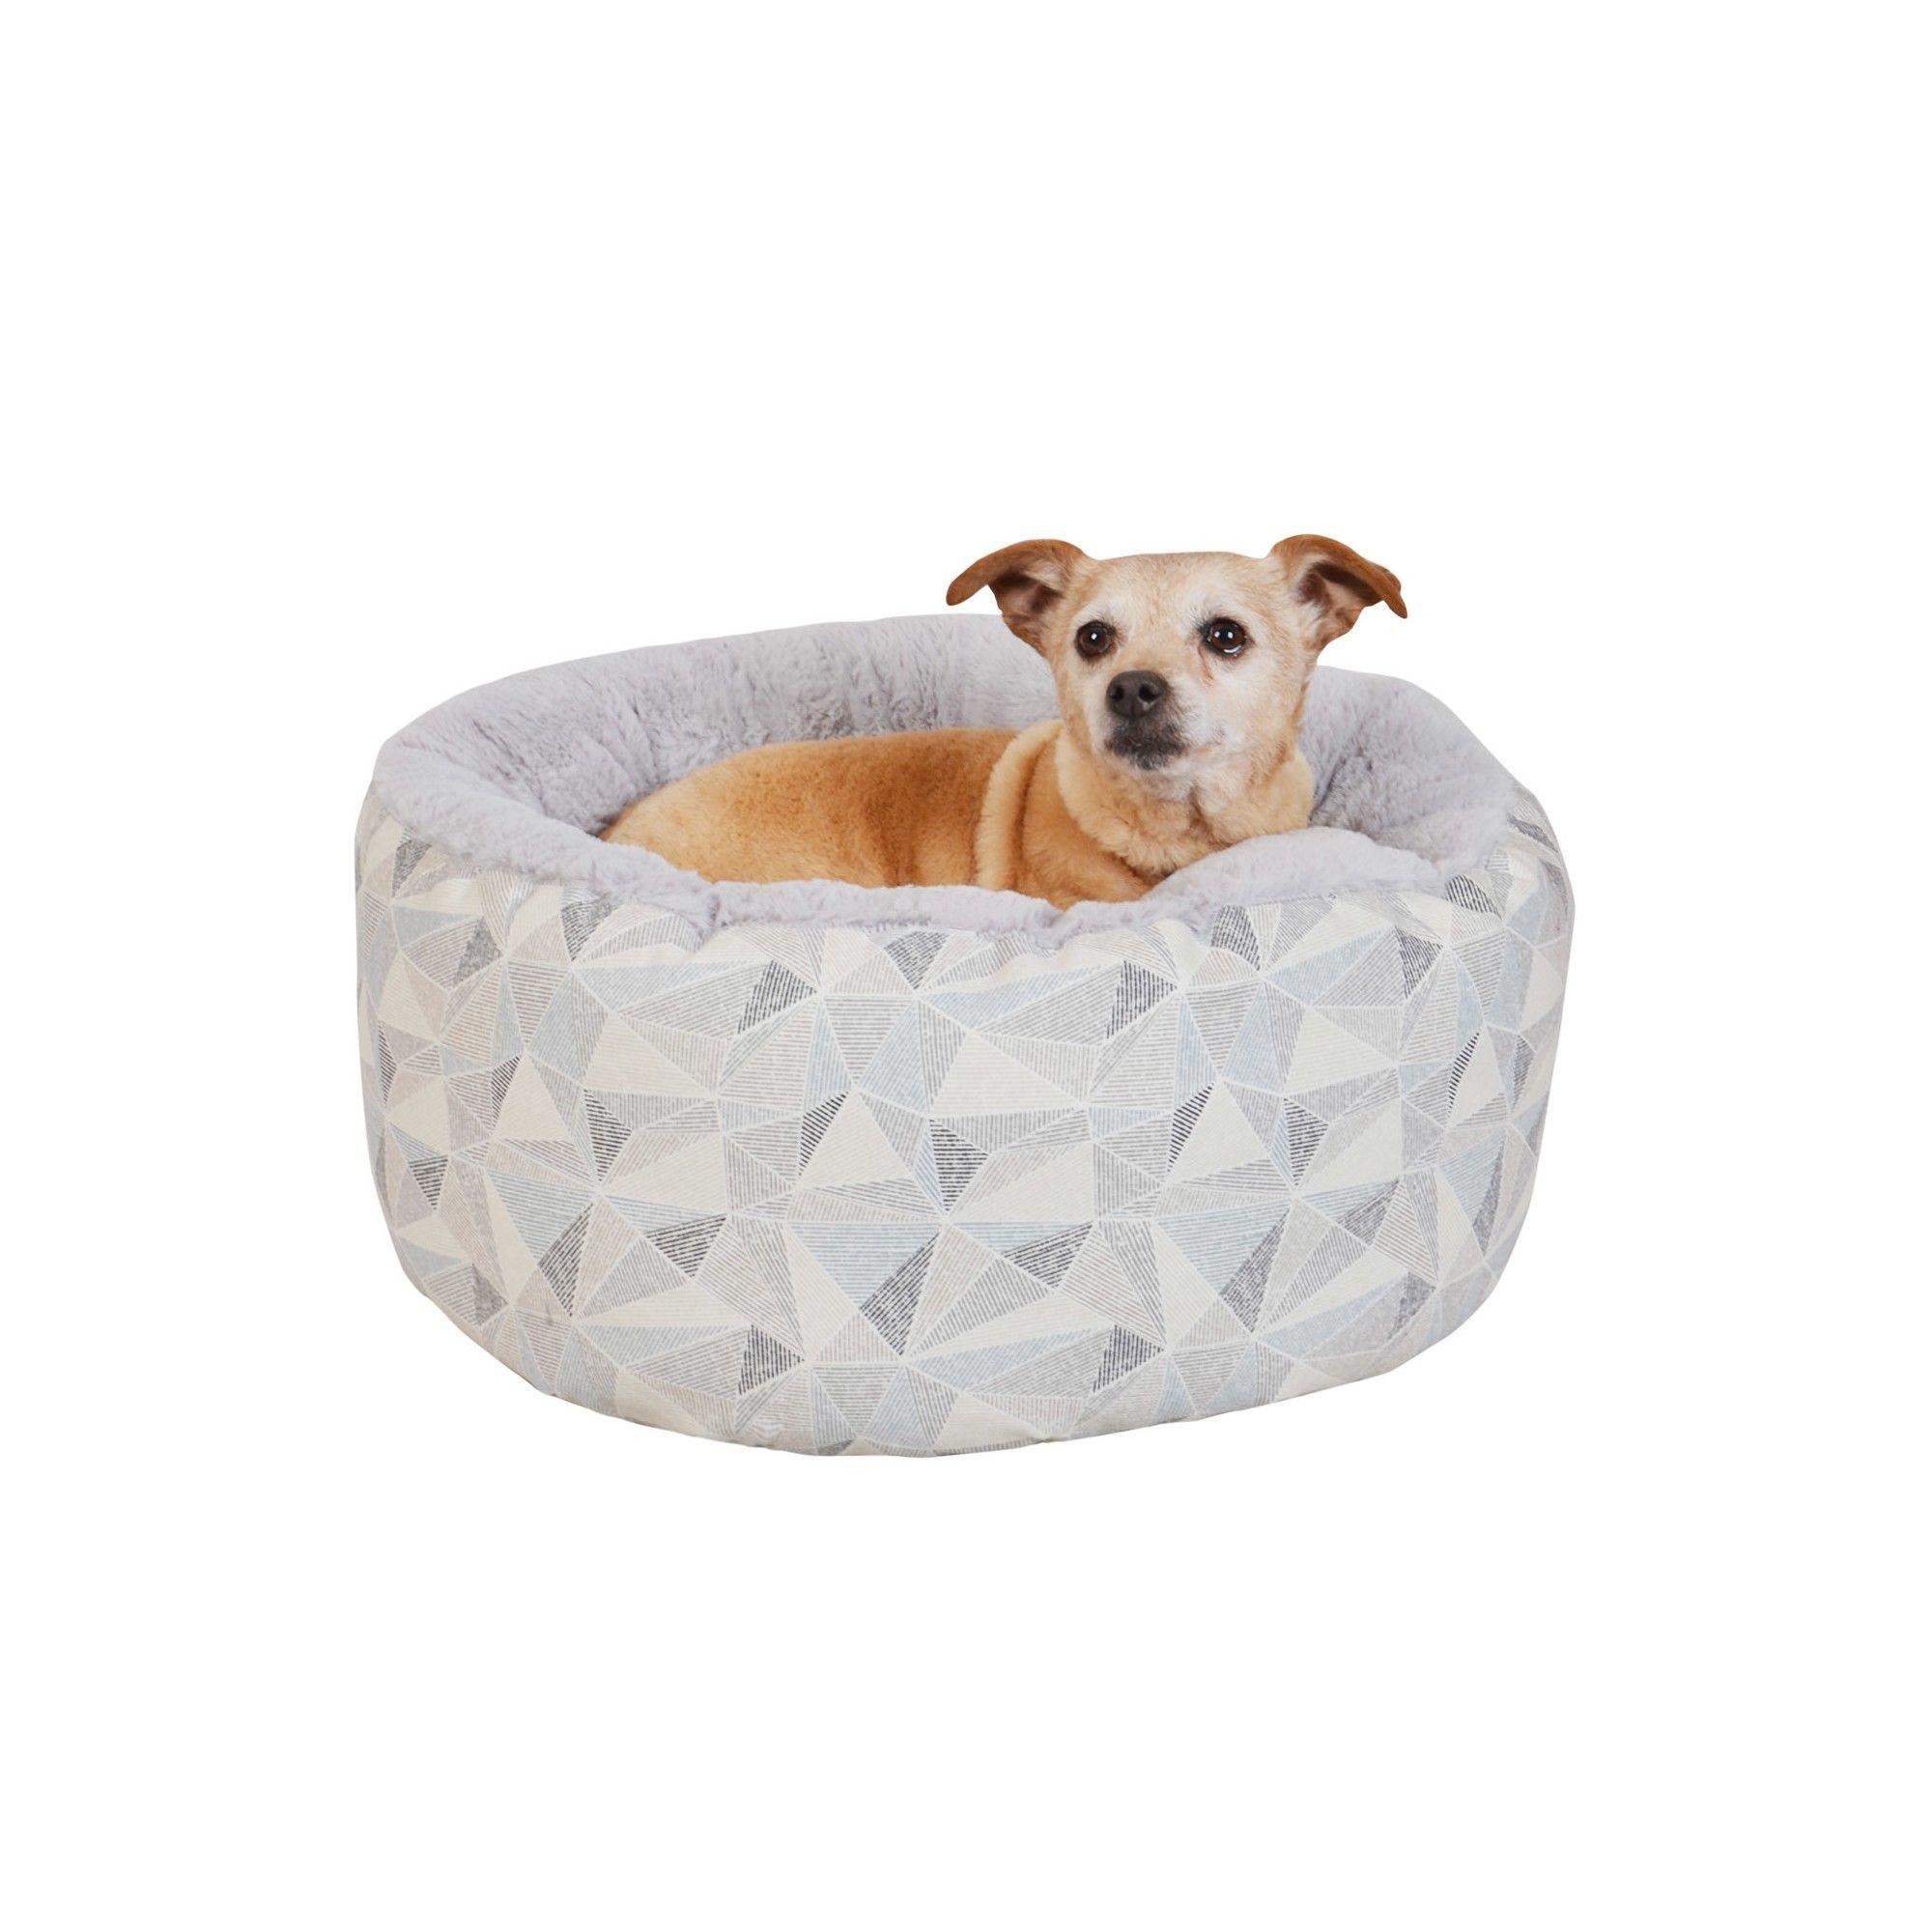 Mattress Cuddler With Handle Dog Bed